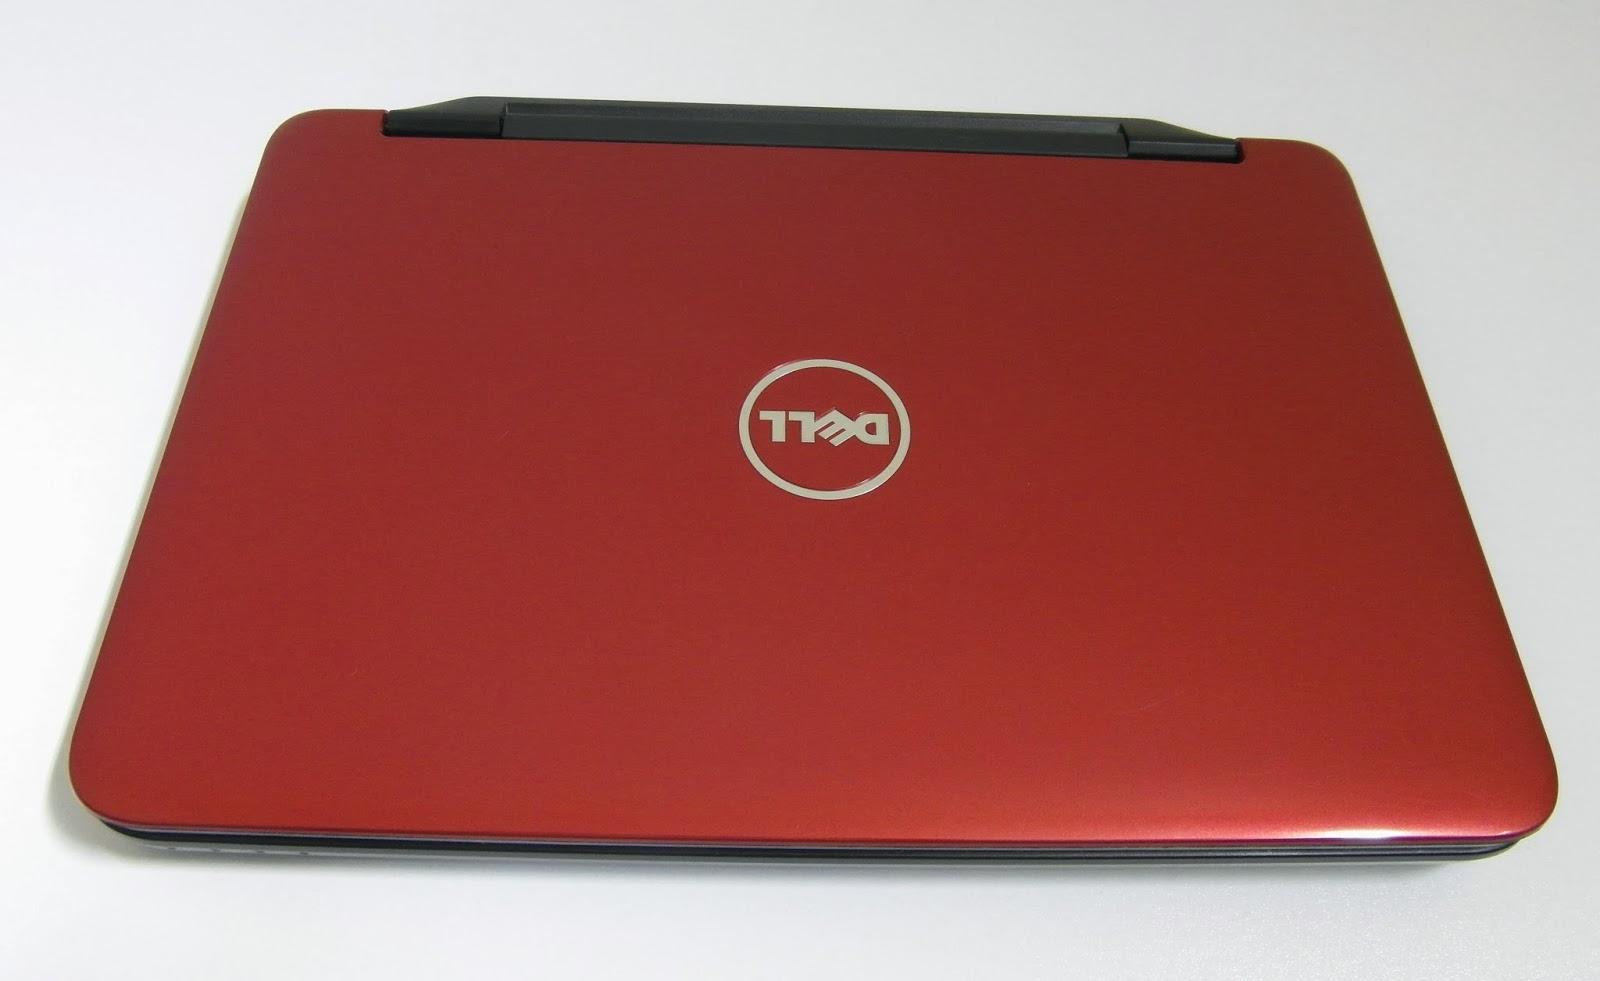 Những game cần đồ họa cao hay những chương trình xử lý đồ họa, render phim đều được sử dụng một cách trơn tru, dễ dàng trên Dell Inspiron 14 N3421